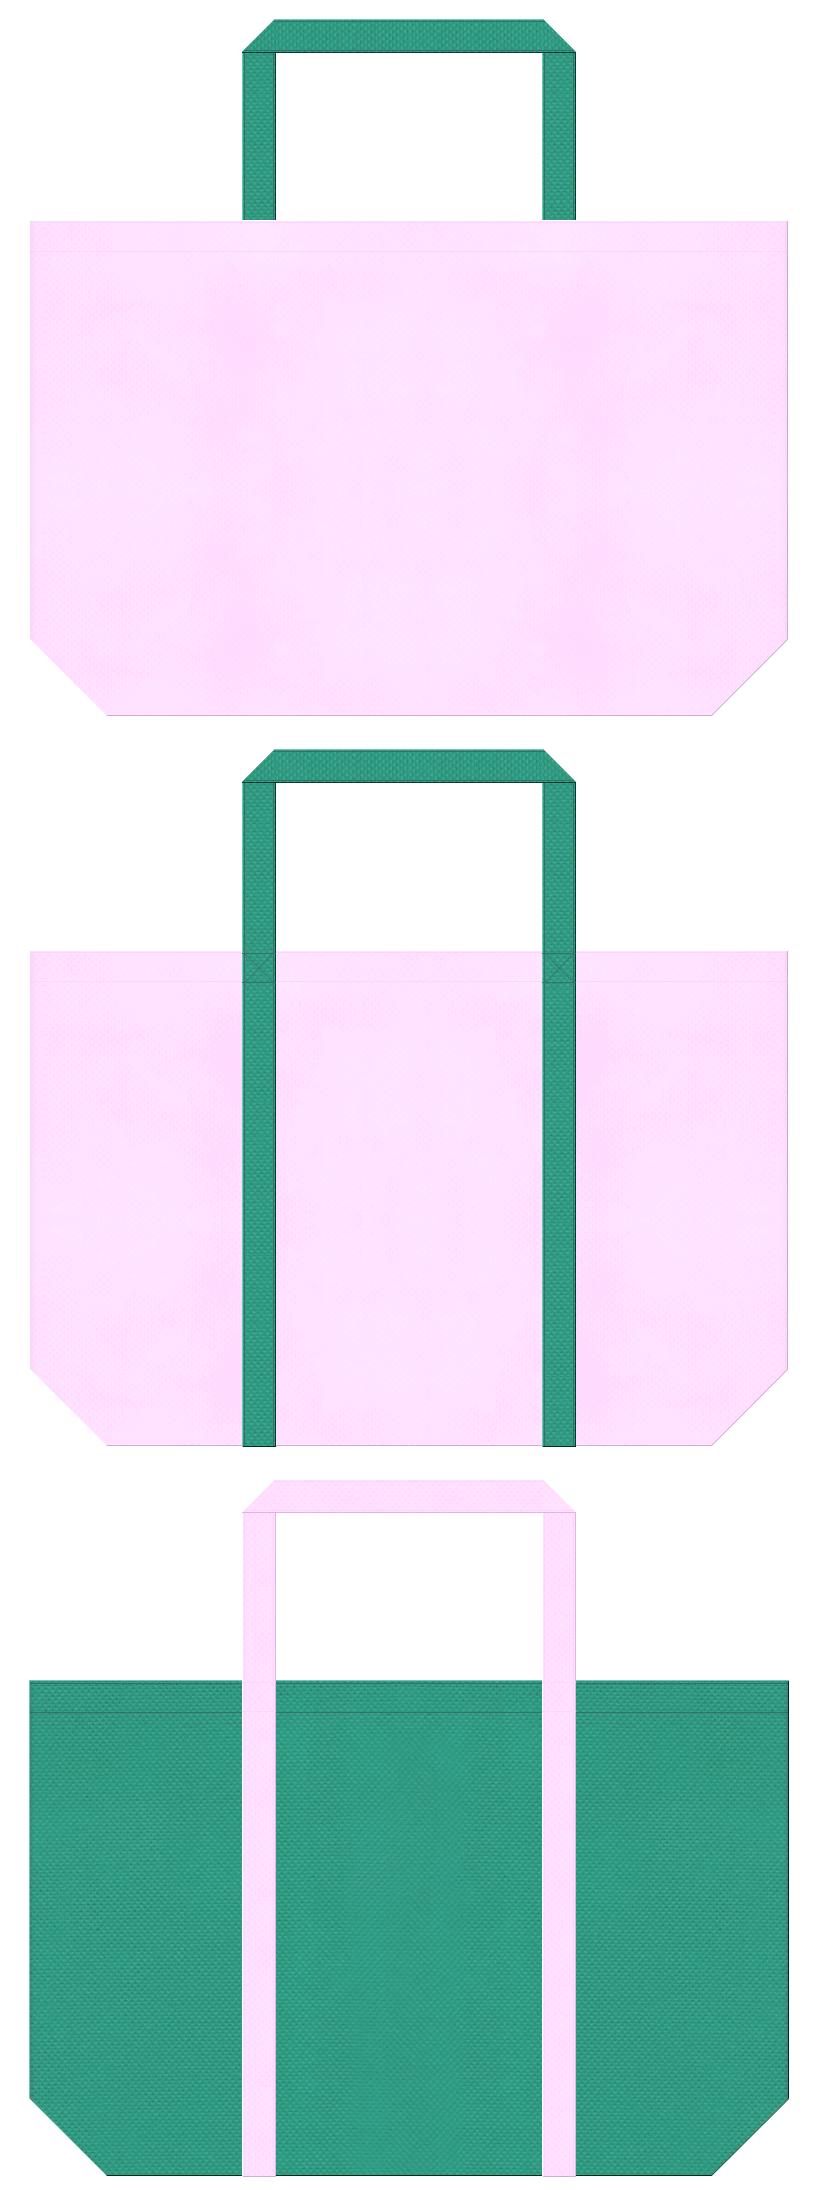 シャンプー・石鹸・洗剤・入浴剤・バス用品・お掃除用品・家庭用品の展示会用バッグにお奨めの不織布バッグのデザイン:明るいピンク色と青緑色のコーデ